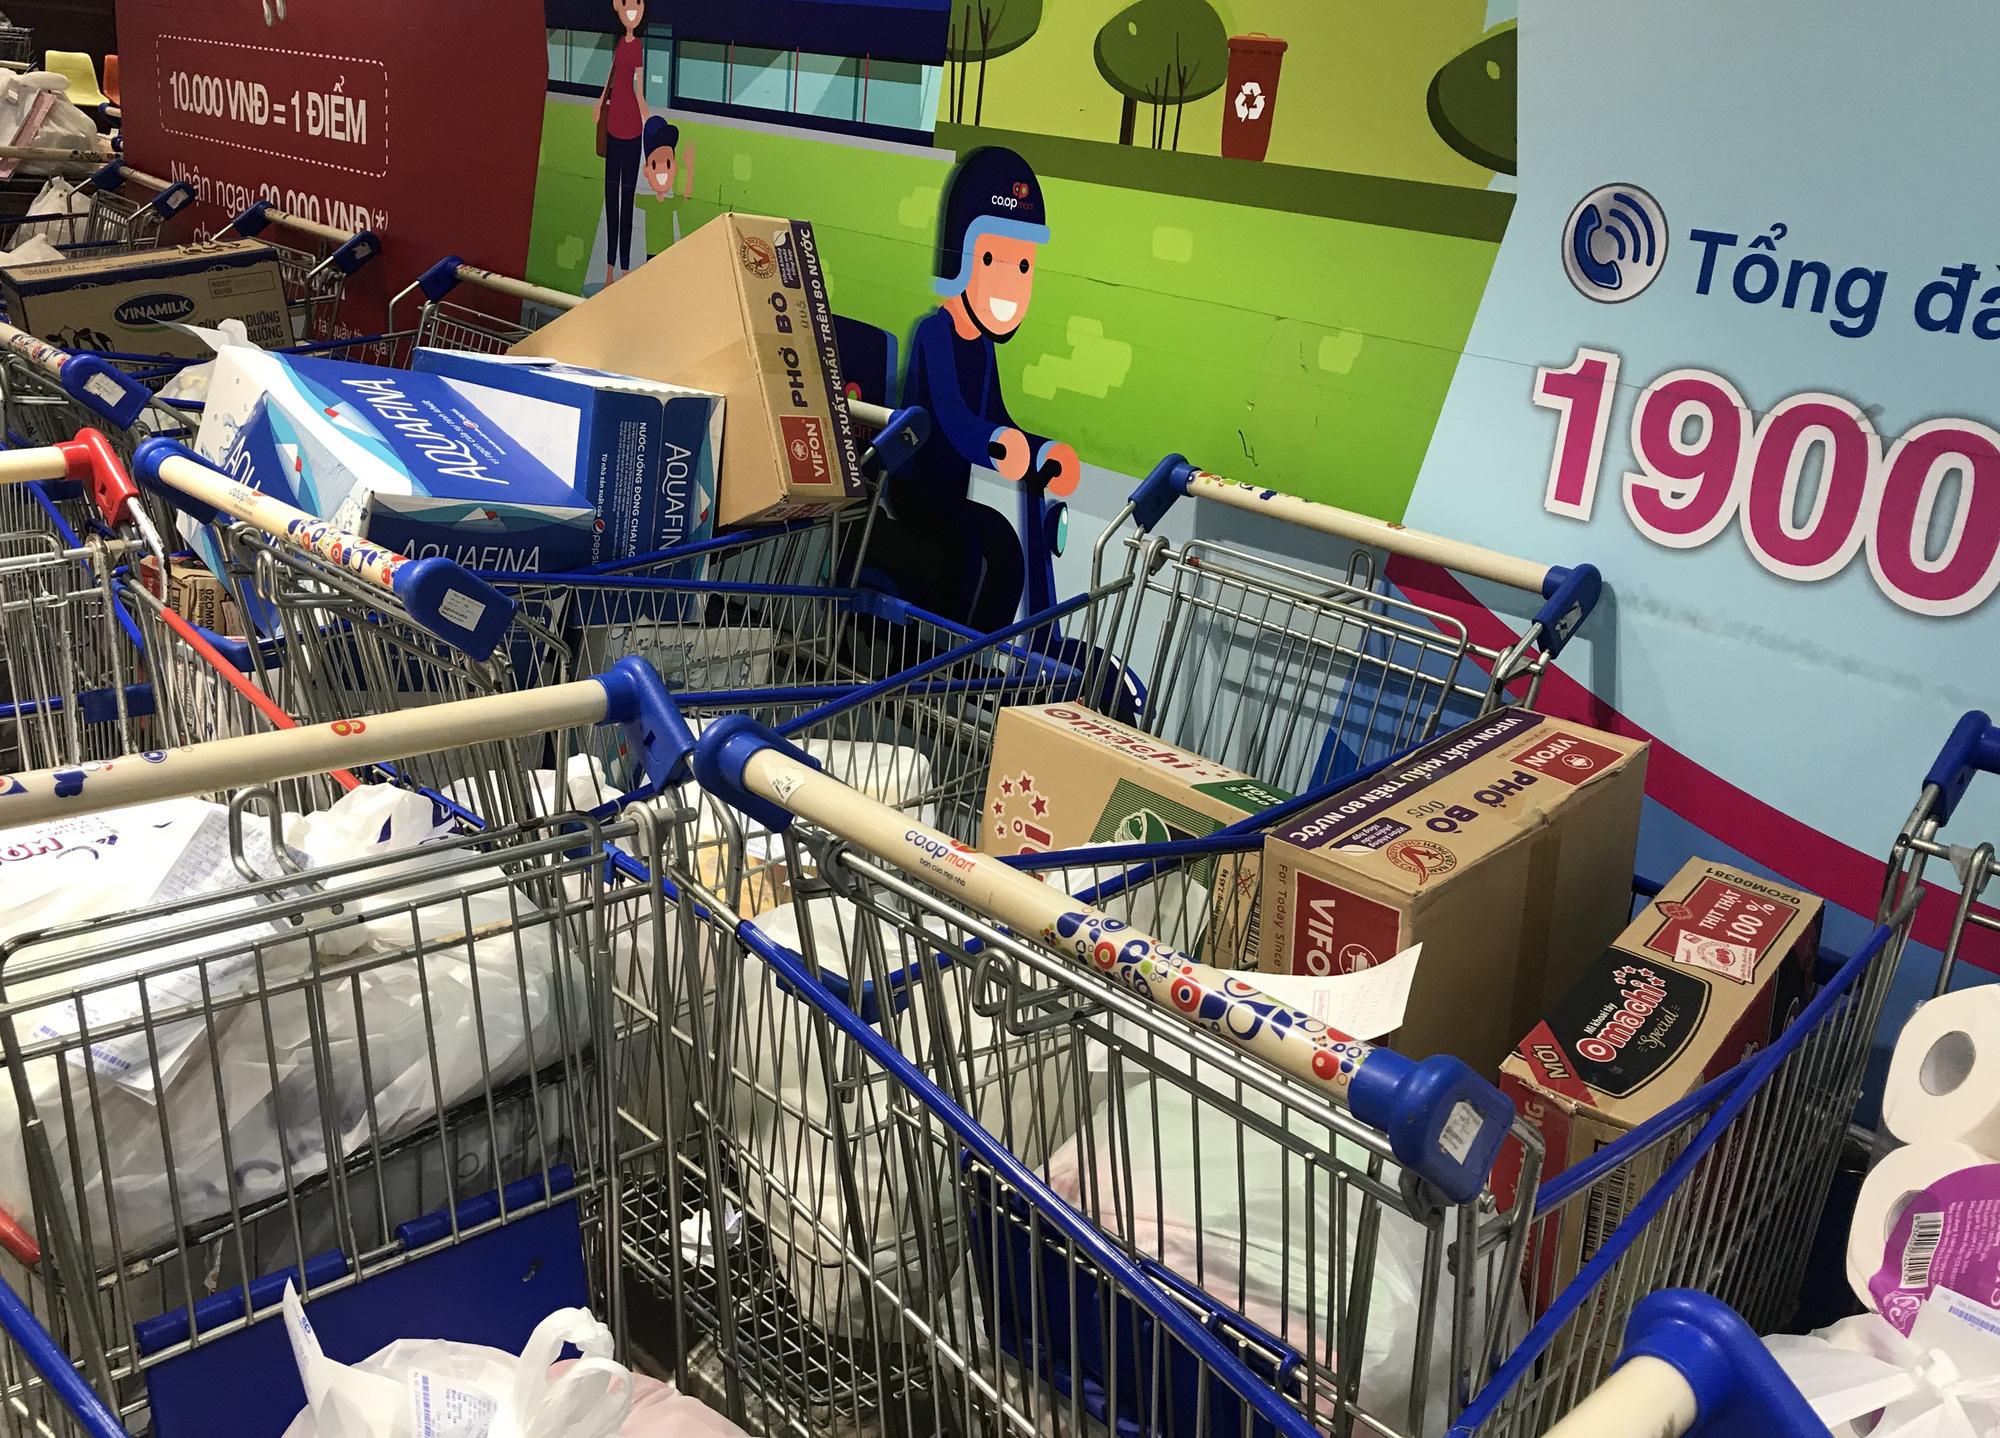 Chợ, siêu thị mở cửa bình thường, Co.opmart, Big C, VinMart cam kết hàng lúc nào cũng có, ăn 3-6 tháng không hết - Ảnh 4.